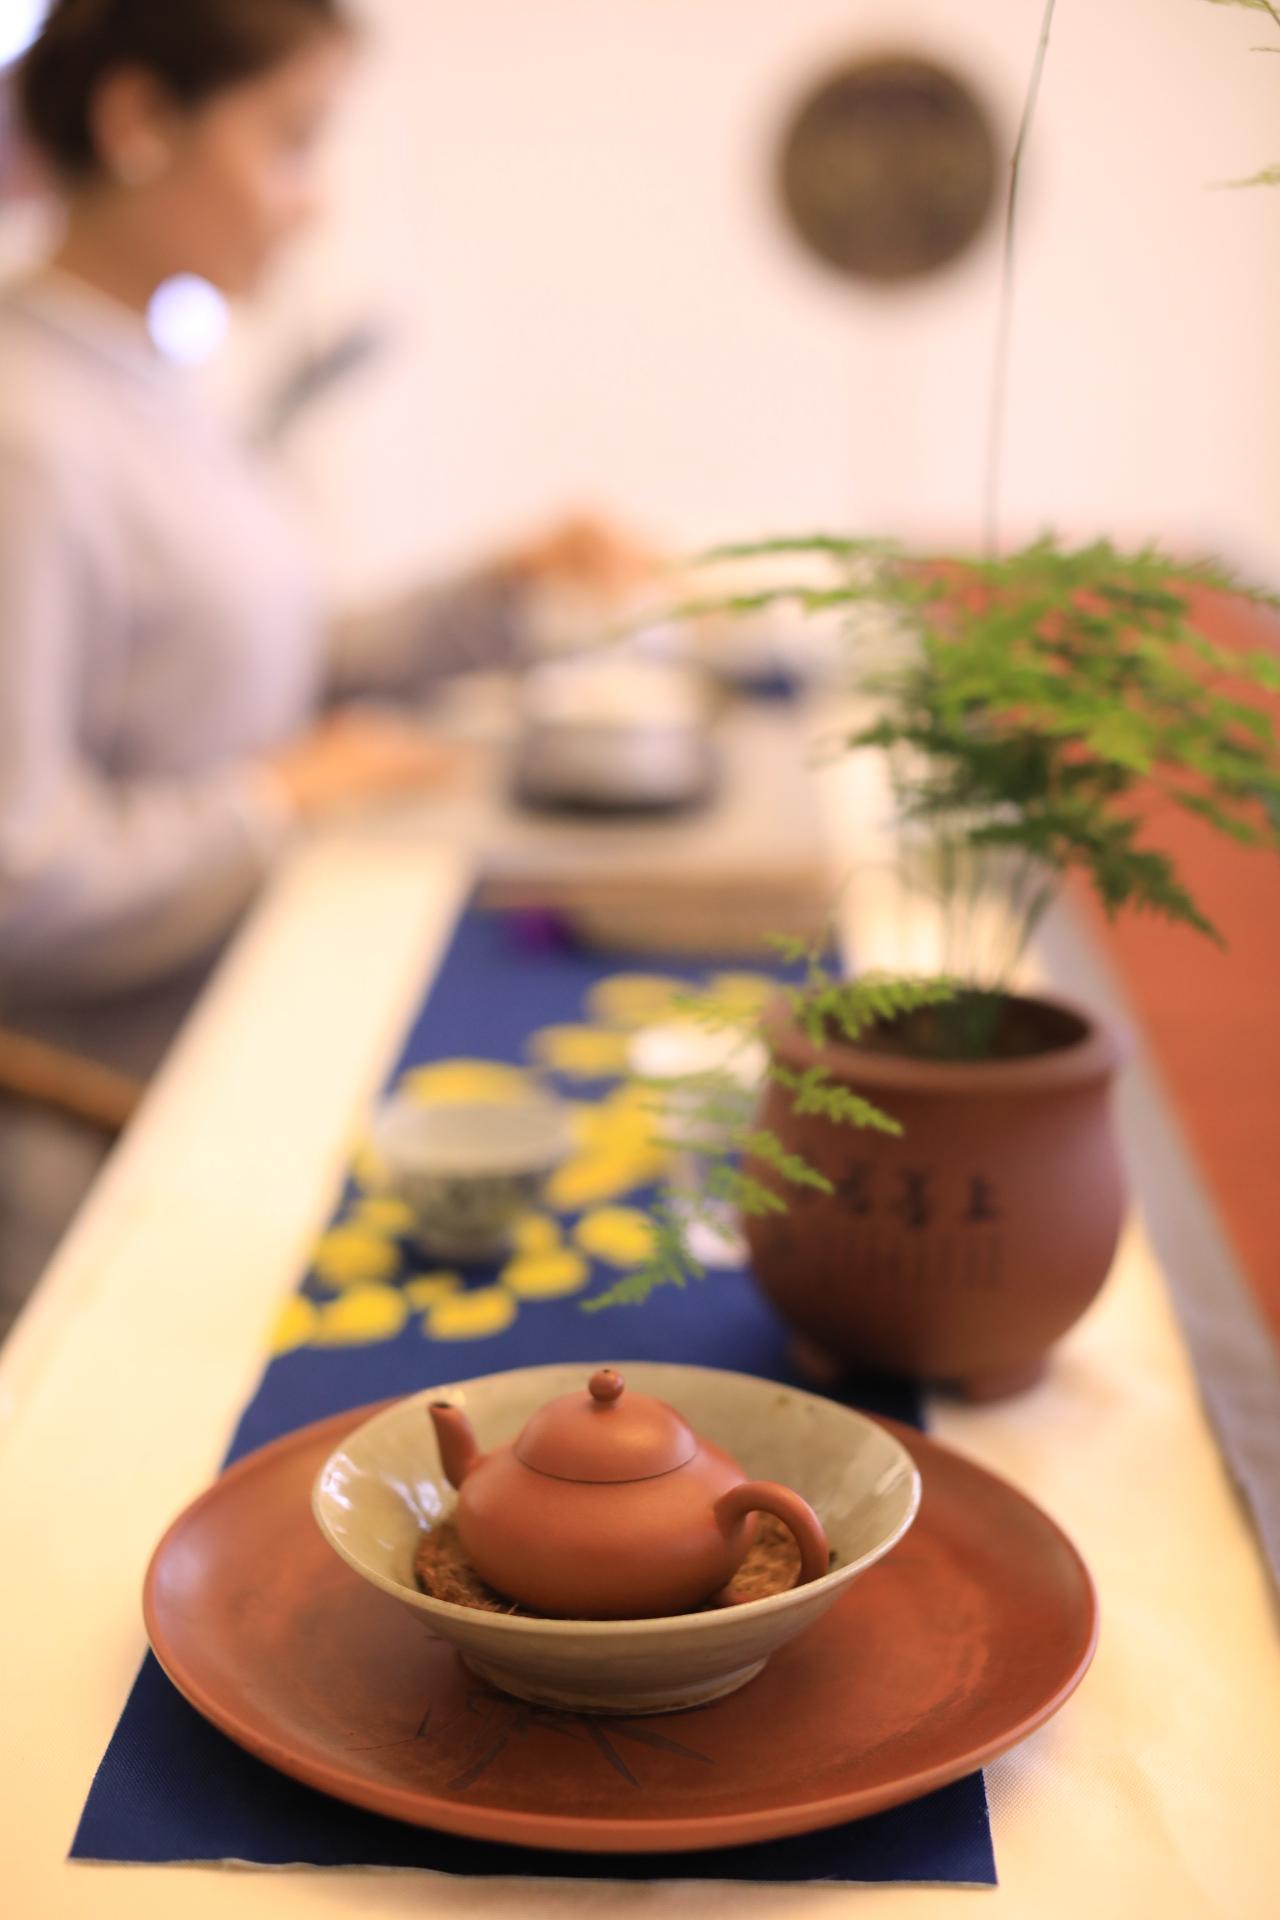 与众不同的永昌泰茶馆